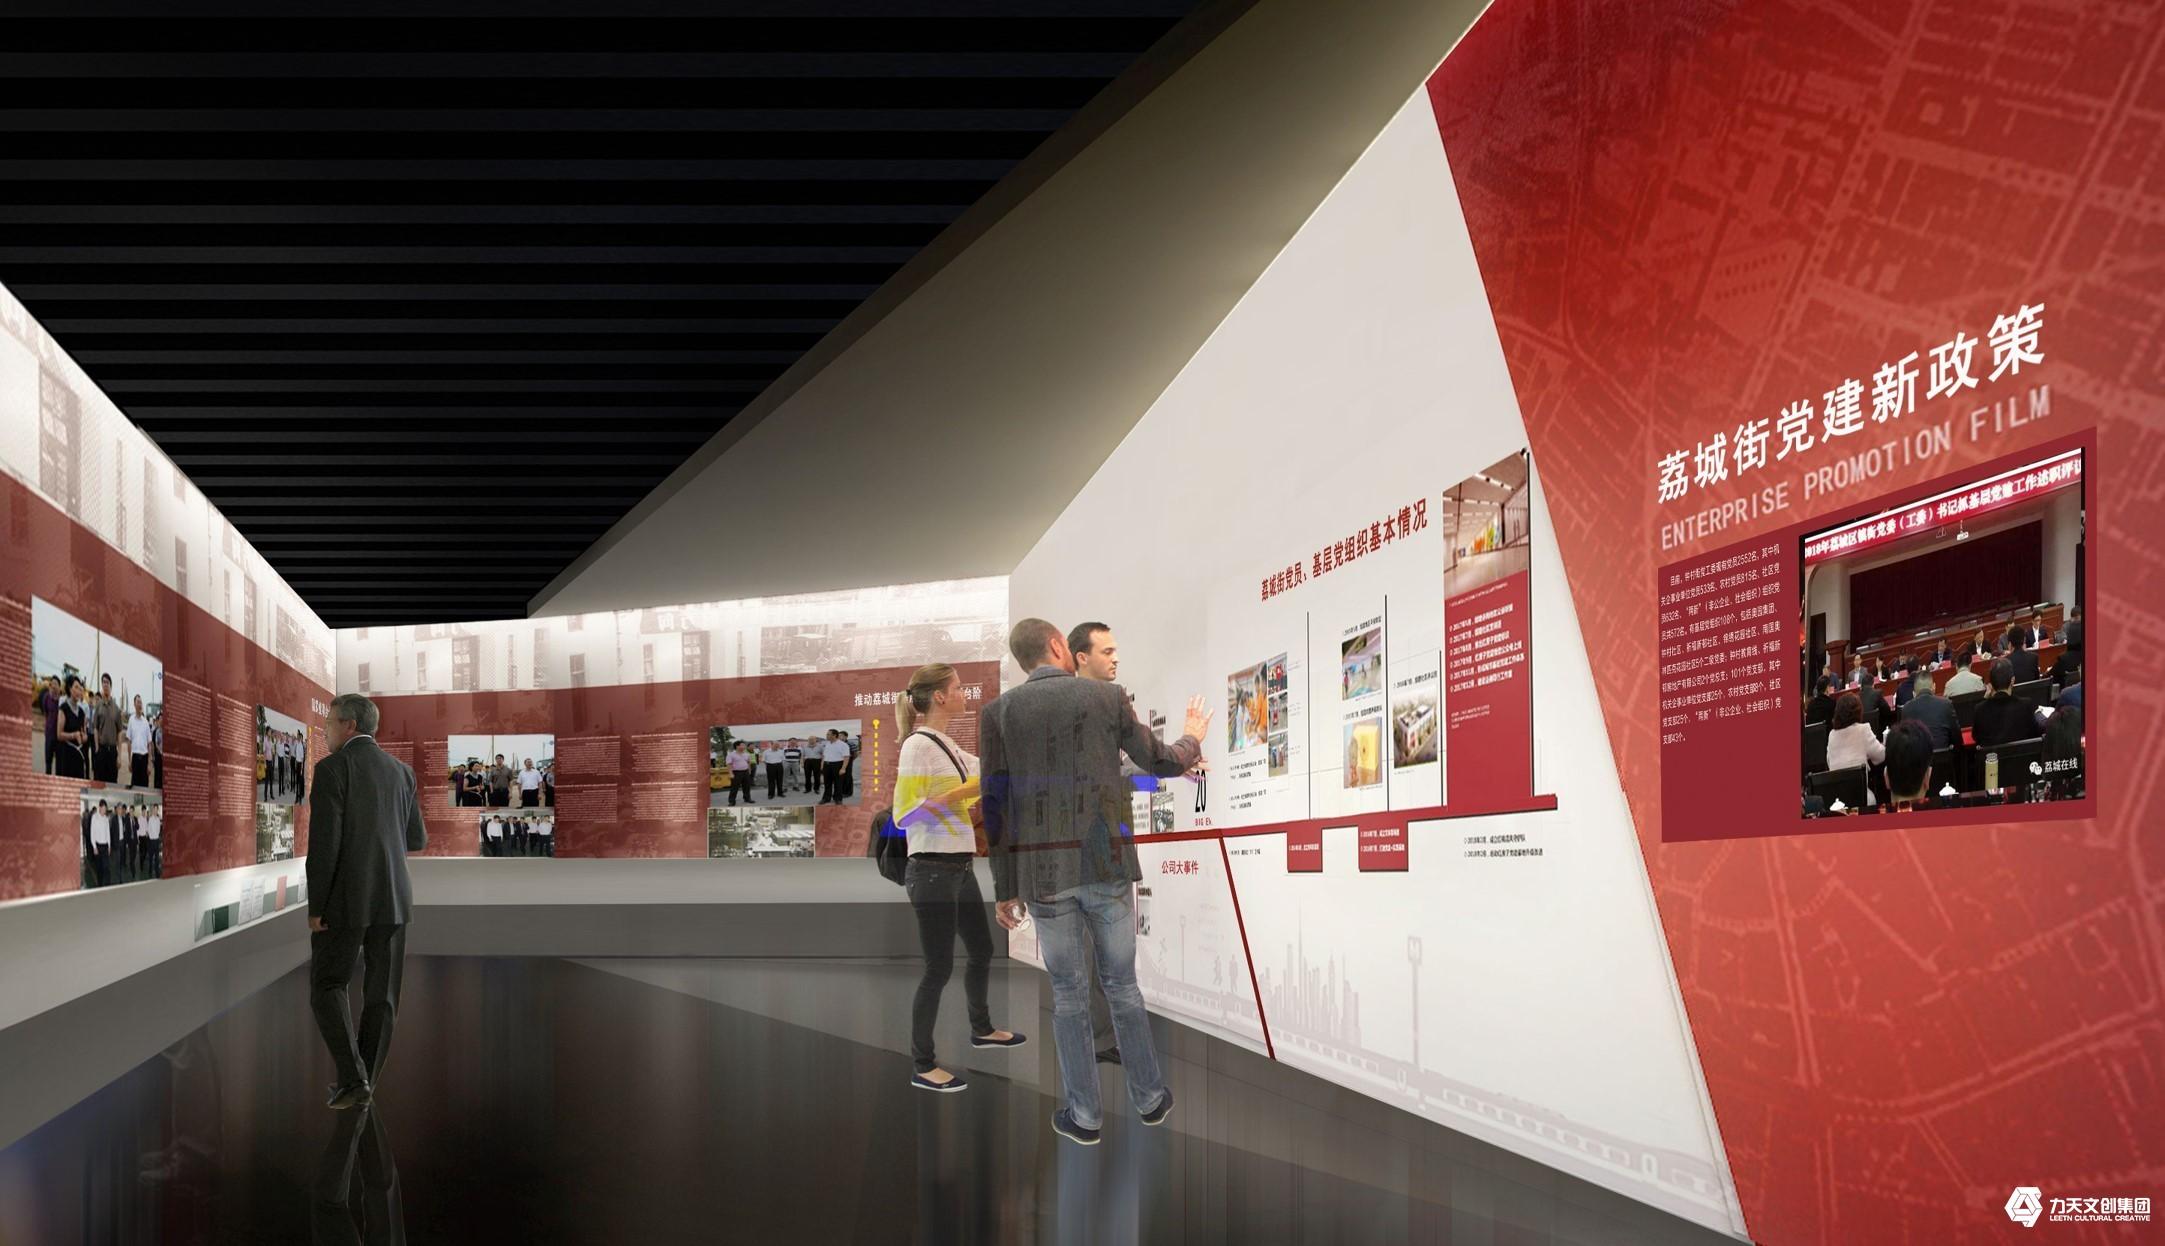 荔城街文化活动中心 党政文化建设 展厅设计 广州党群建设 力天展览